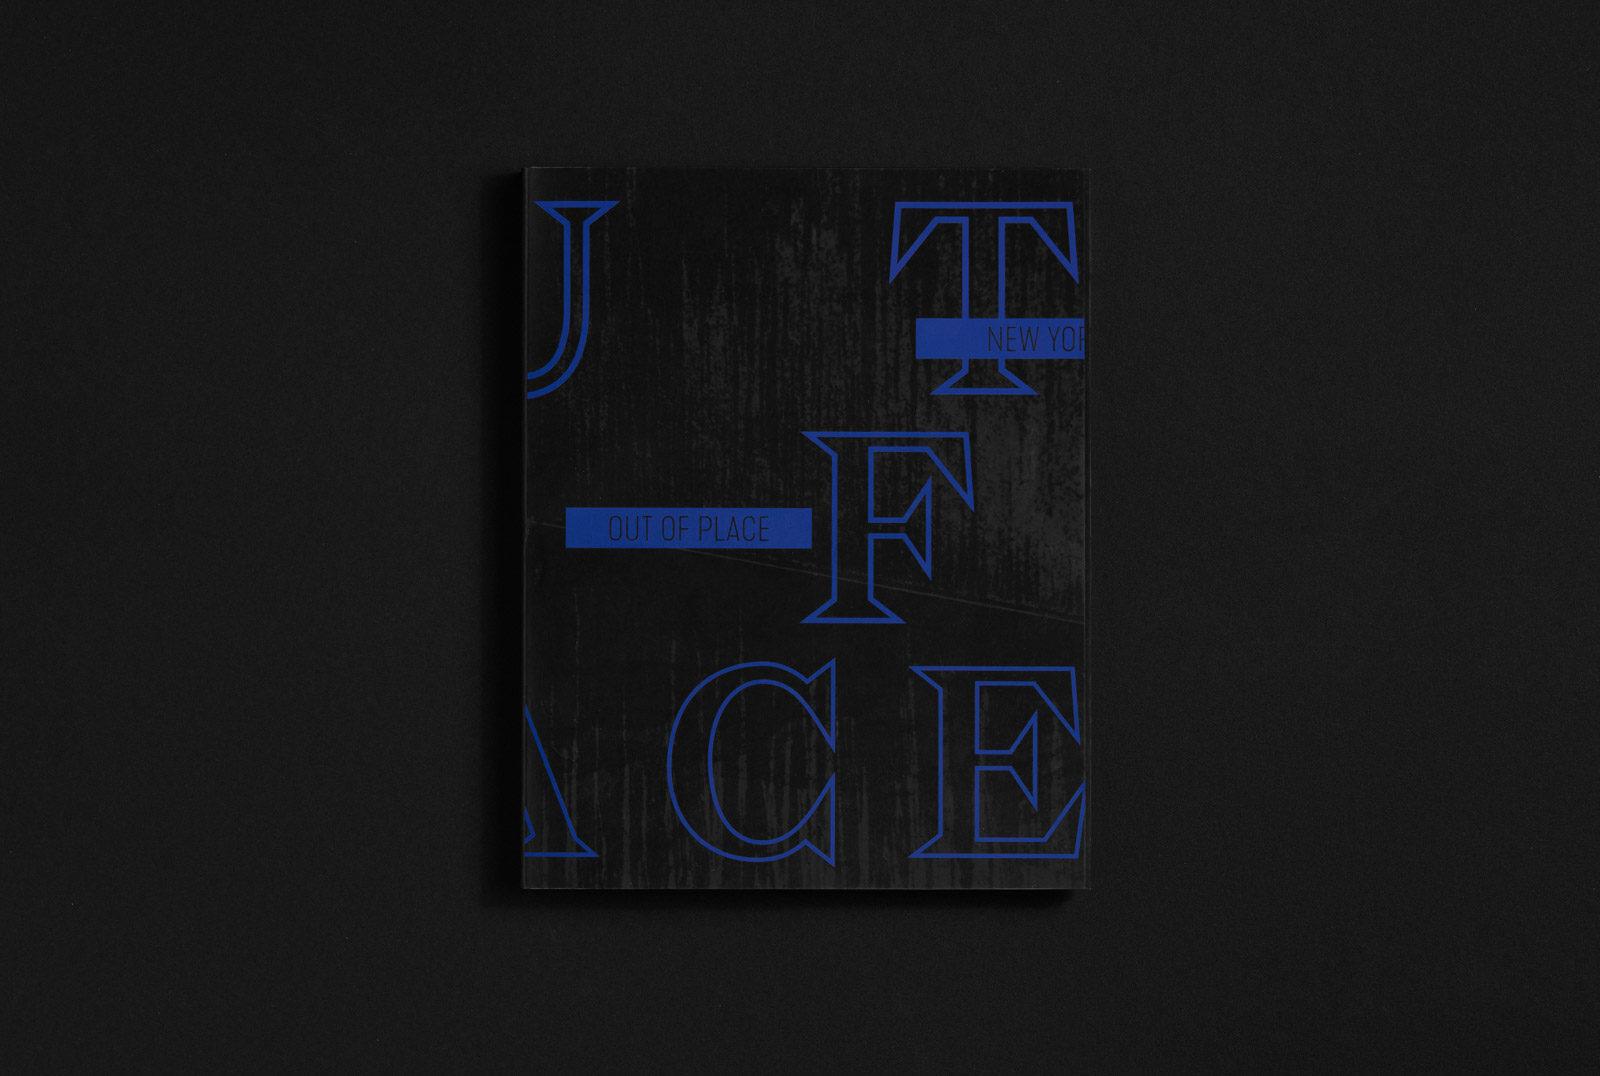 Editienne Grafikdesign - Kommunikationsdesign Berlin- Buchgestaltung und Coverdesign Fotobuch Out of Place 14